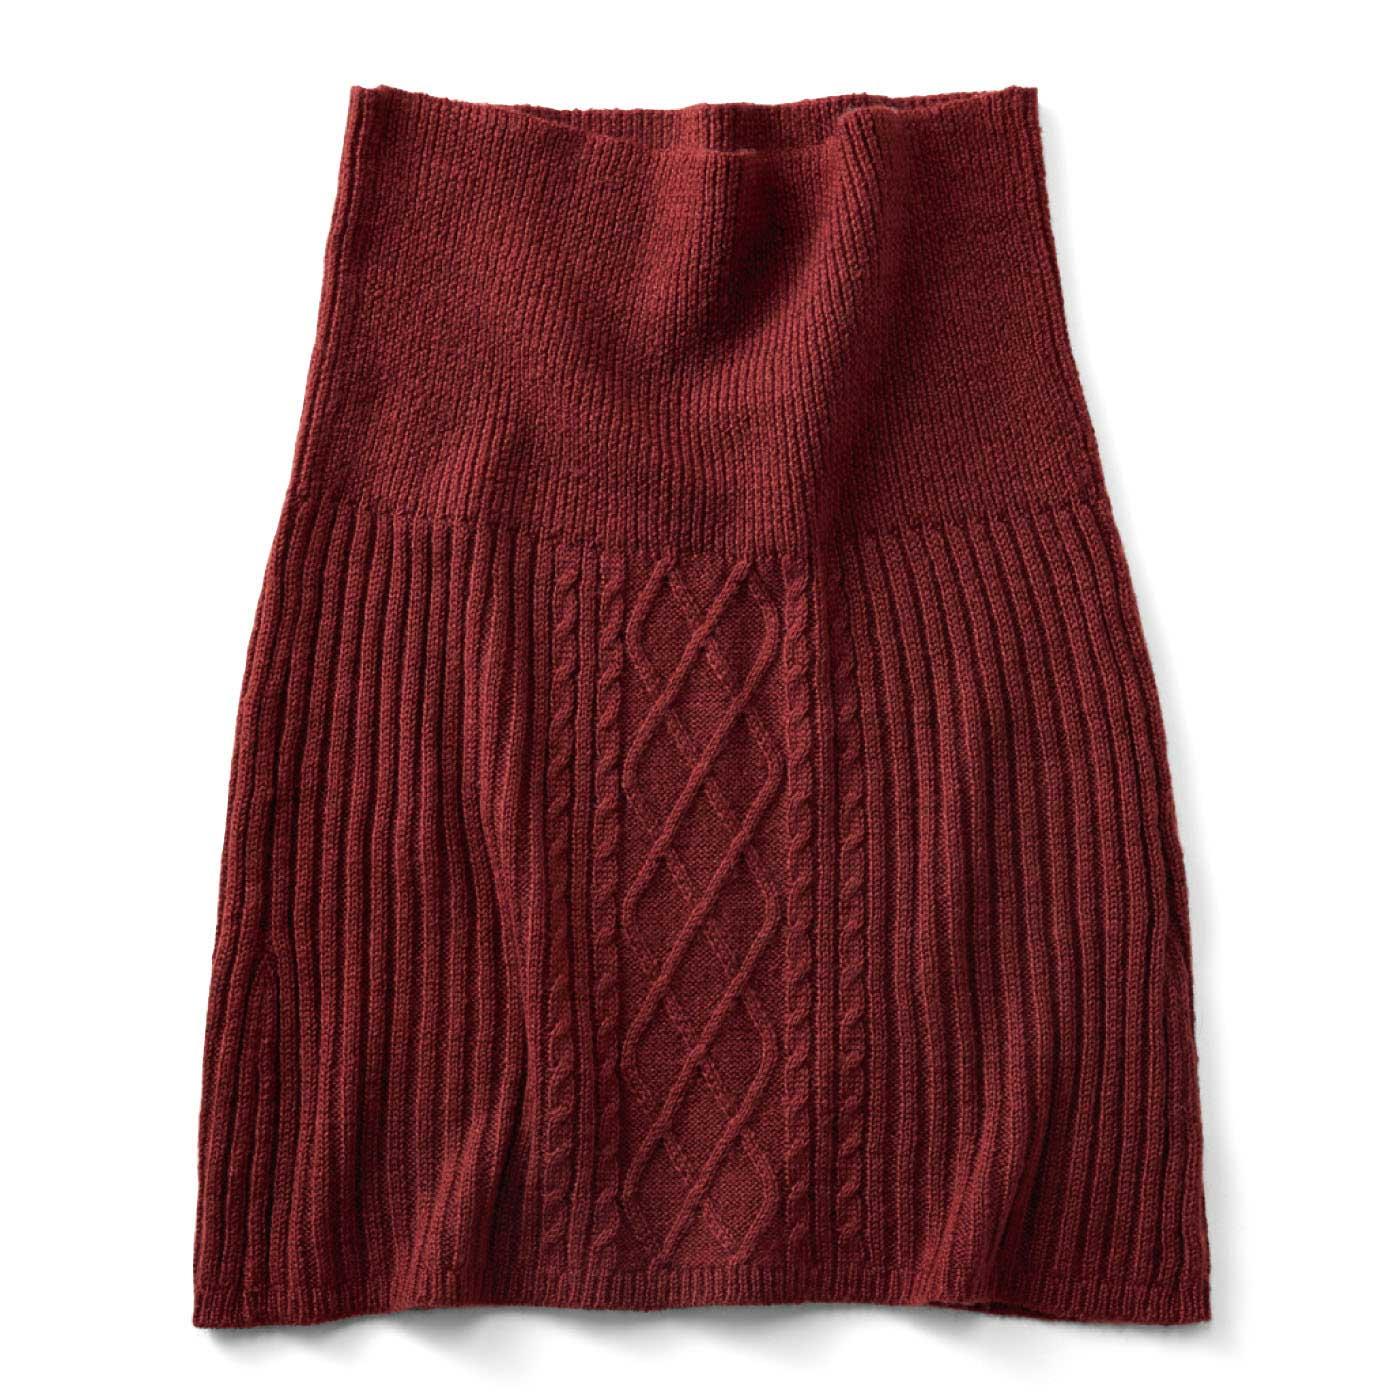 ボルドー 腹巻き部分は細うねのリブ編み。ほどよいフィット感でスマートに暖かく。スカート部分のフロントはアクセントになるケーブル編み。サイドをリブ編みにして、すっきりはける仕様に。